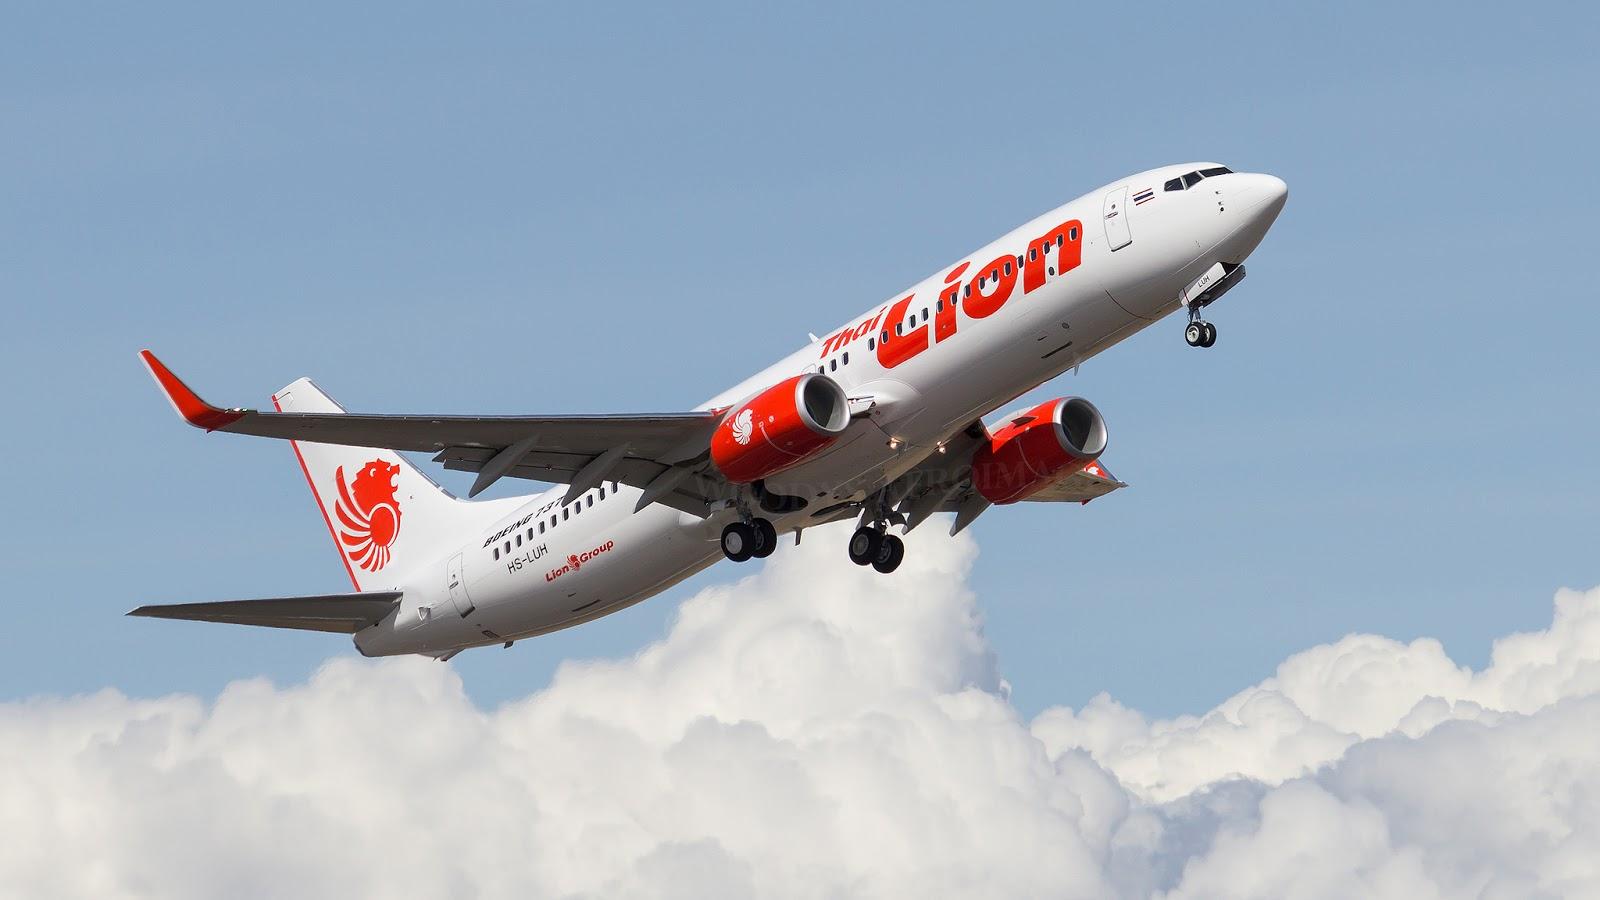 Puget Sound - Boeing Test Flights: HS-LUH B737-8GP Thai